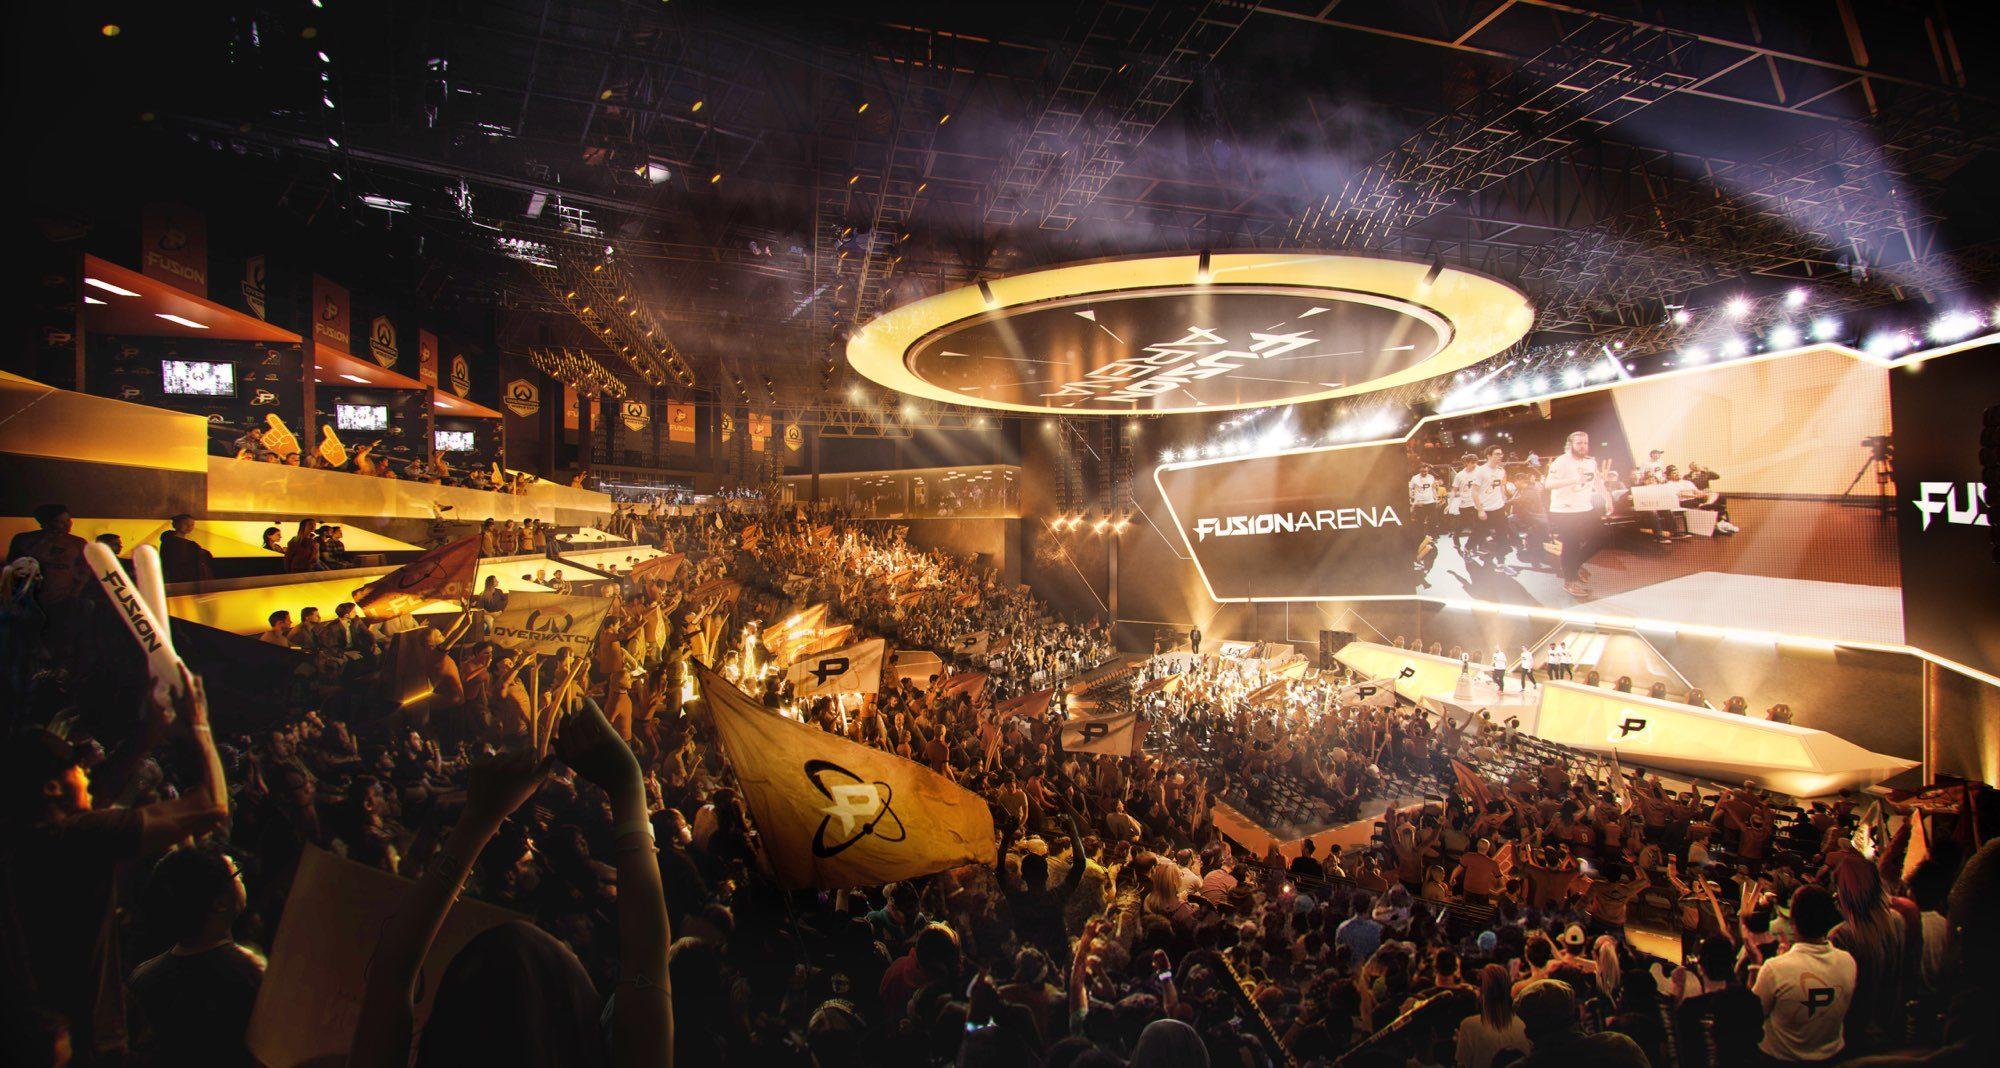 Fusion Arena bude první hala určená přímo pro hraní zápasů v Overwatch League